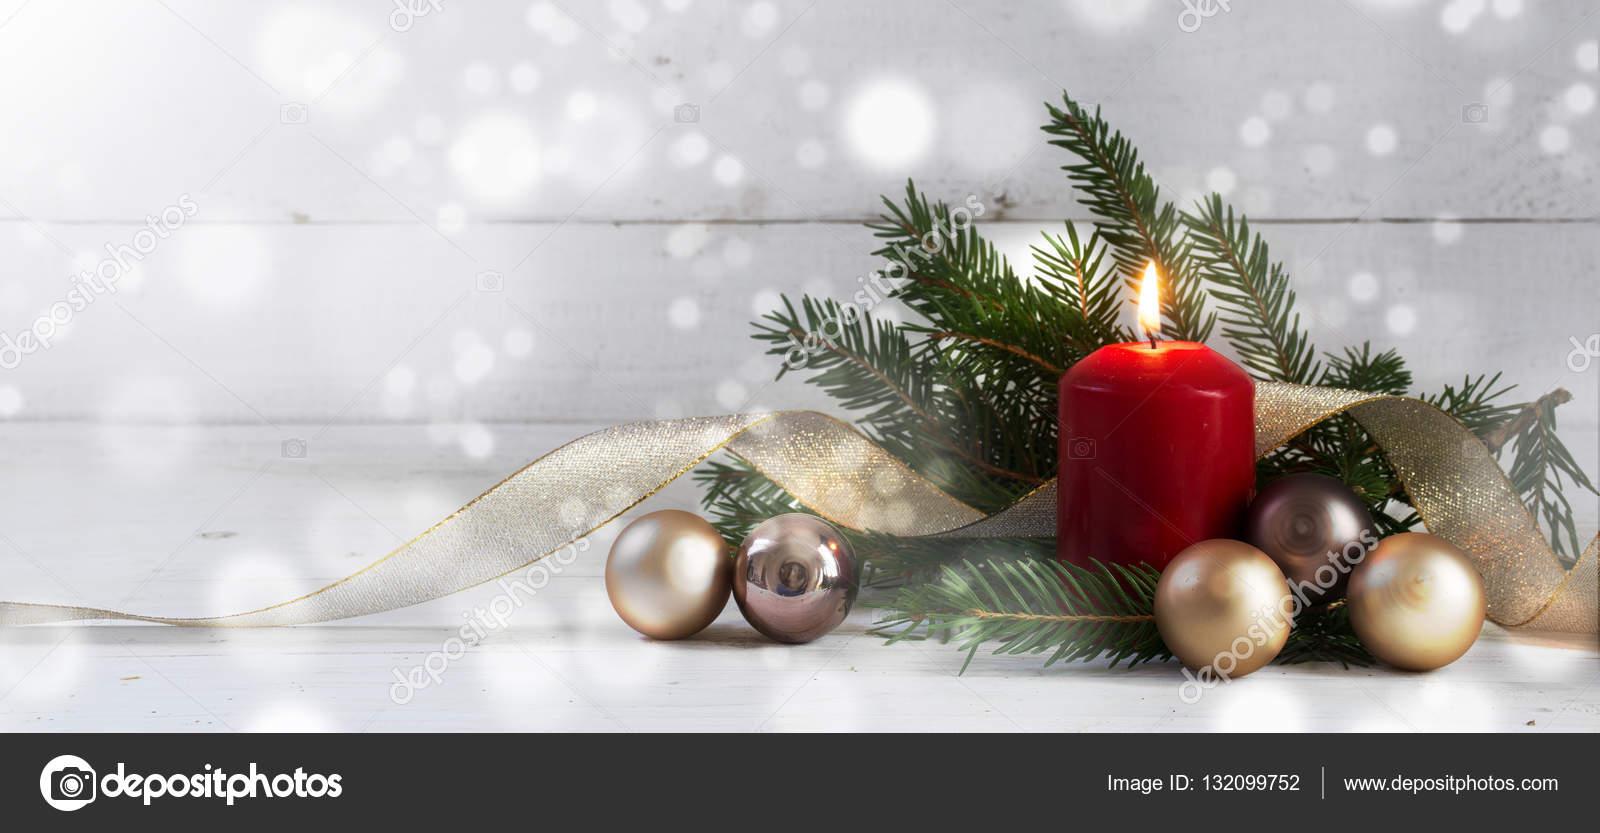 Kerstdecoraties Met Rood : Rode kaars met kerstdecoratie fir tree kerstballen en gouden lint